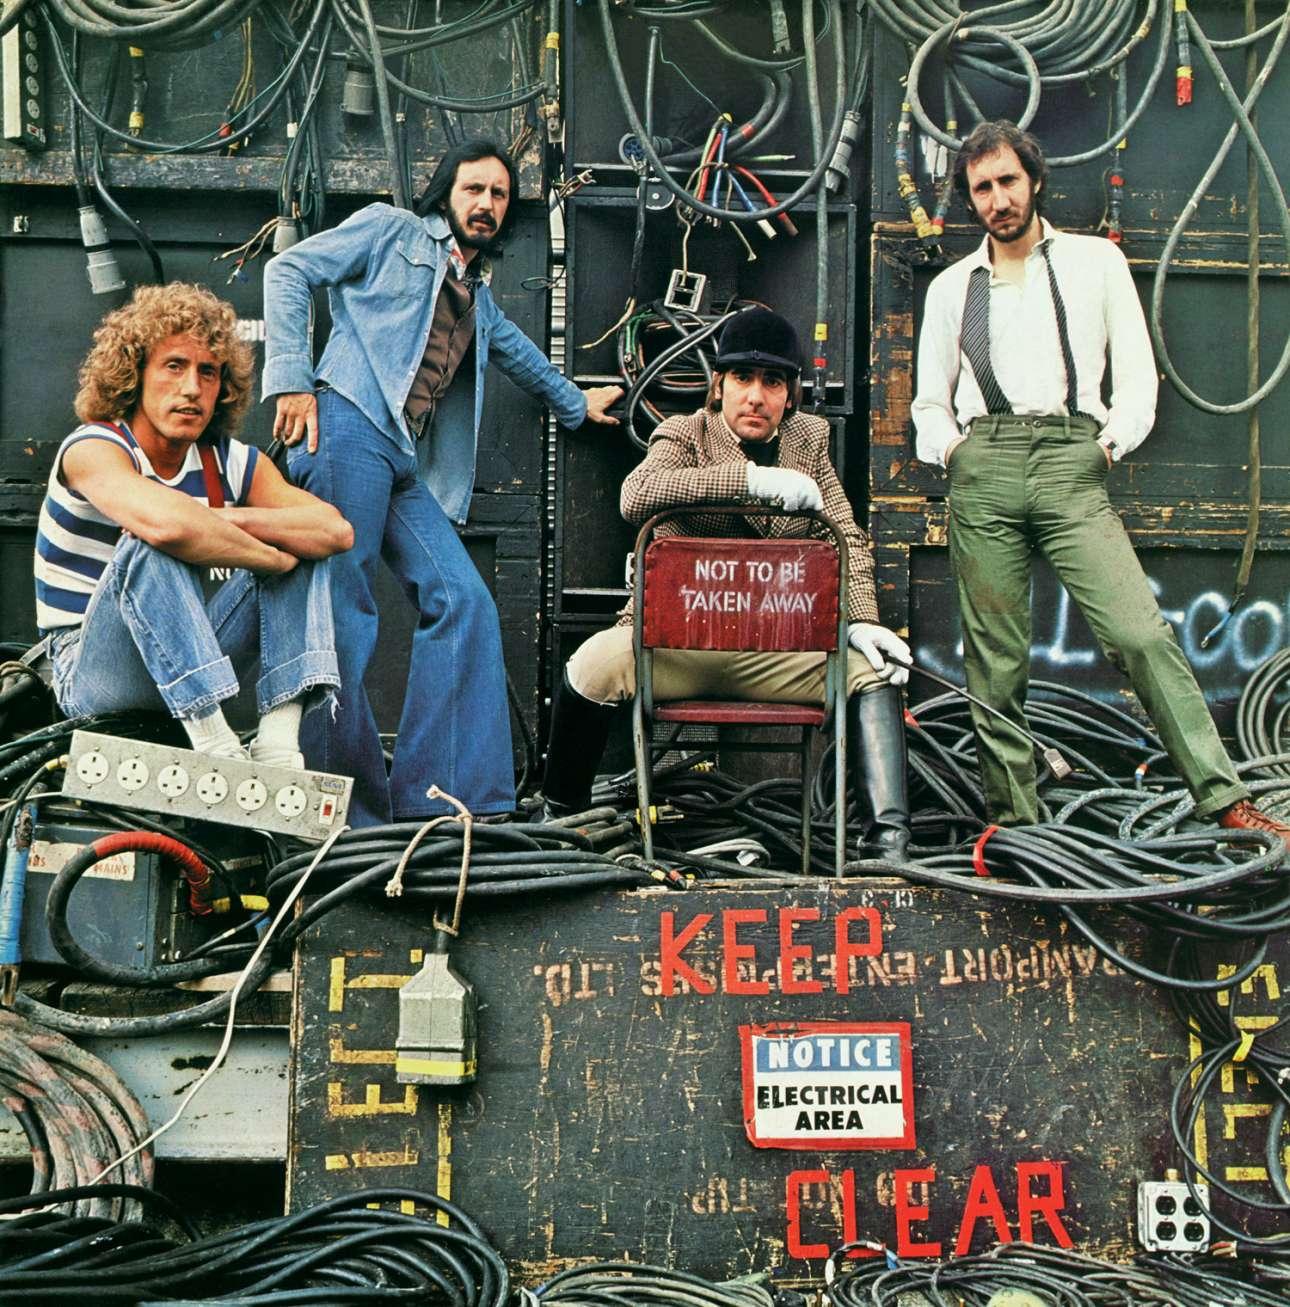 """The Who, Shepperton Studios, 1978: «Φωτογράφισα το συγκρότημα για το άλμπουμ τους «Who Are You» το 1978, στο κινηματογραφικό στούντιο Shepperton έξω από το Λονδίνο, γιατί ήθελα να έχω μια αίσθηση από παρασκήνια περιοδείας με διάφορα κουτιά και εξοπλισμό. Καθώς σκουπίζαμε τον χώρο του στούντιο, βρήκα αυτή την καρέκλα που """"δεν έπρεπε να απομακρυνθεί"""" και είπα στον Κιθ να καθίσει εκεί. Τρεις εβδομάδες μετά την κυκλοφορία του δίσκου, ο Κιθ Μουν πέθανε σε ηλικία 32 ετών από υπερβολική δόση ναρκωτικών. Ο Τύπος και πολλοί κριτικοί ανέφεραν την ειρωνεία του πράγματος. Με τον Κιθ στο κέντρο της φωτογραφίας σε αυτήν την καρέκλα με την ένδειξη """"Να μην απομακρυνθεί"""", ποιος θα μπορούσε να μαντέψει ότι αυτό θα συνέβαινε λίγες εβδομάδες αργότερα;»"""